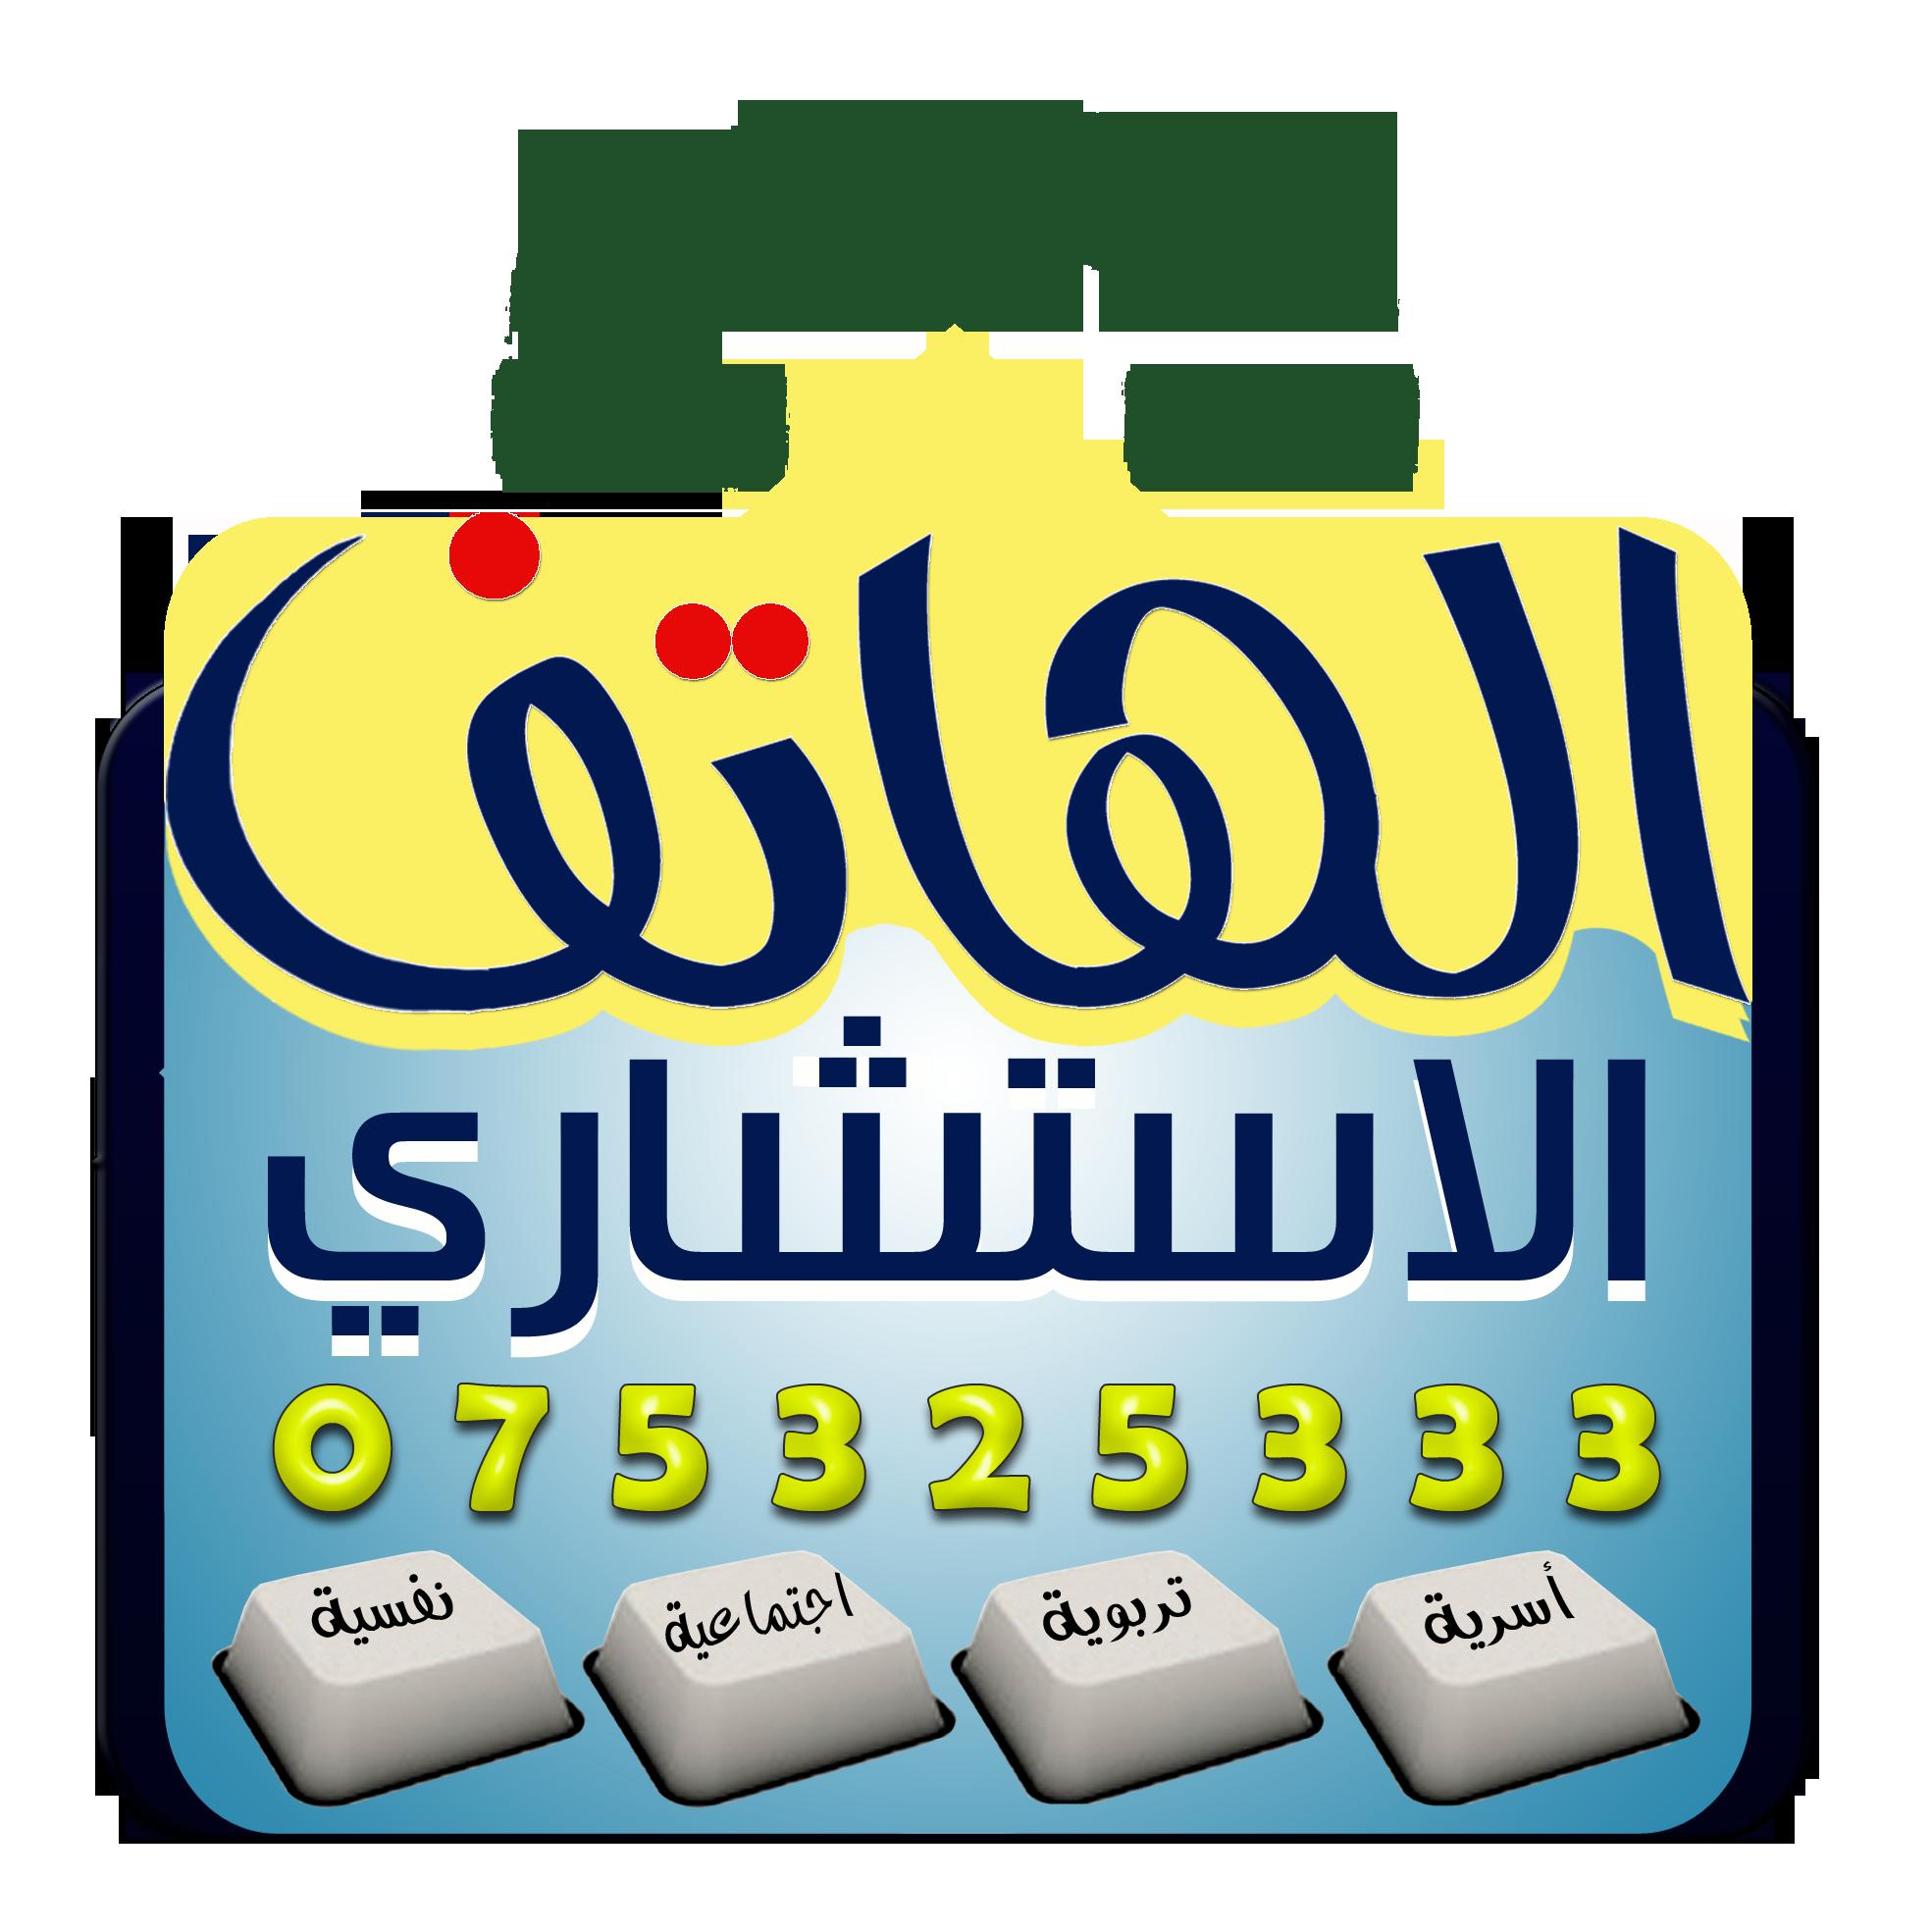 برنامج الهاتف الاستشاري لجنة التنمية بشرورة استشارات أسرية اجتماعية تربوية